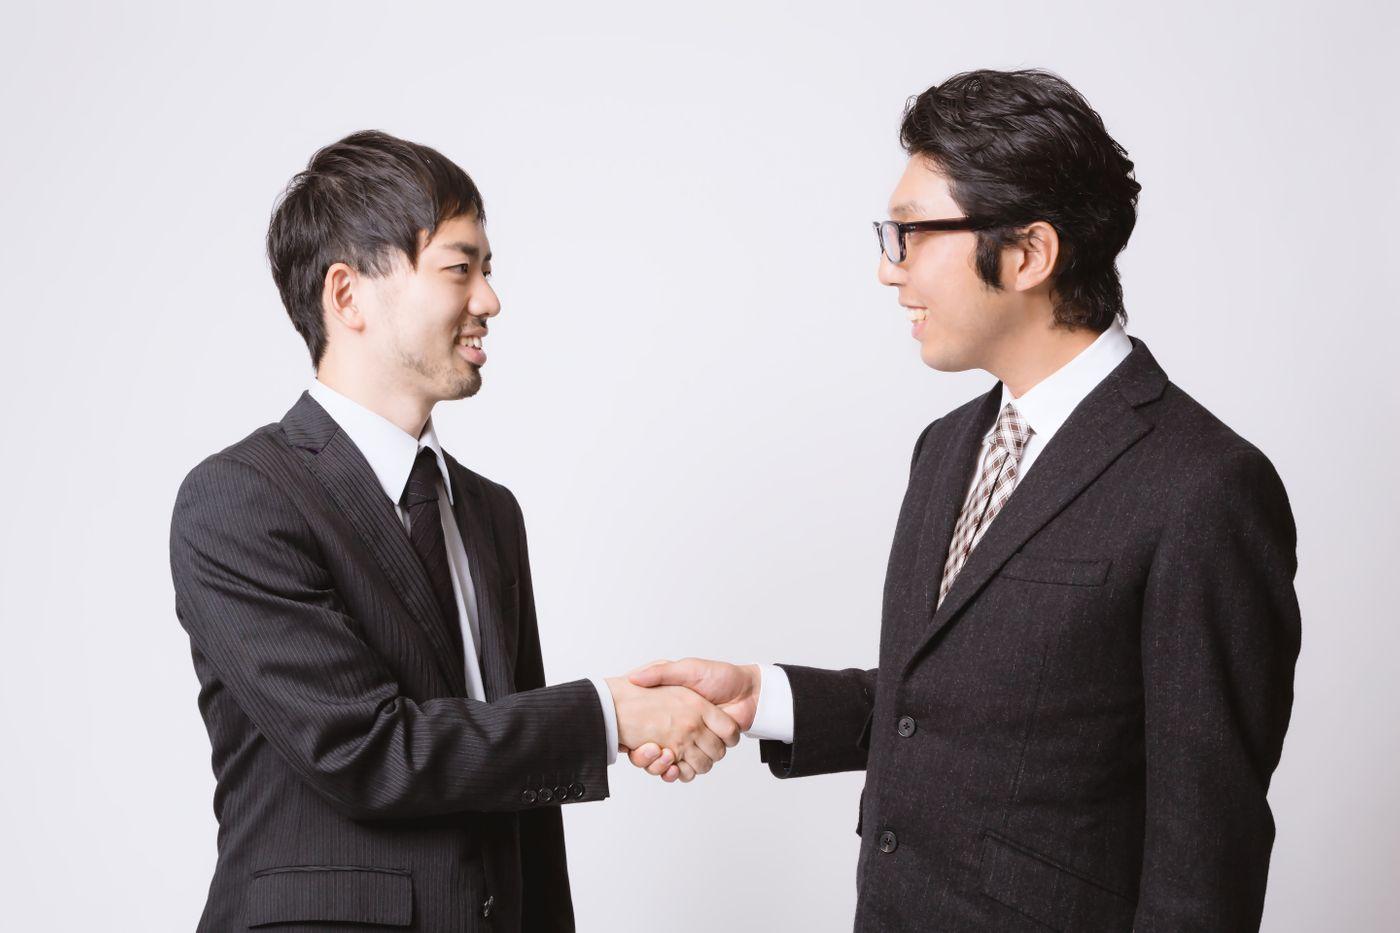 取引が成立して握手を交わすサラリーマンの写真